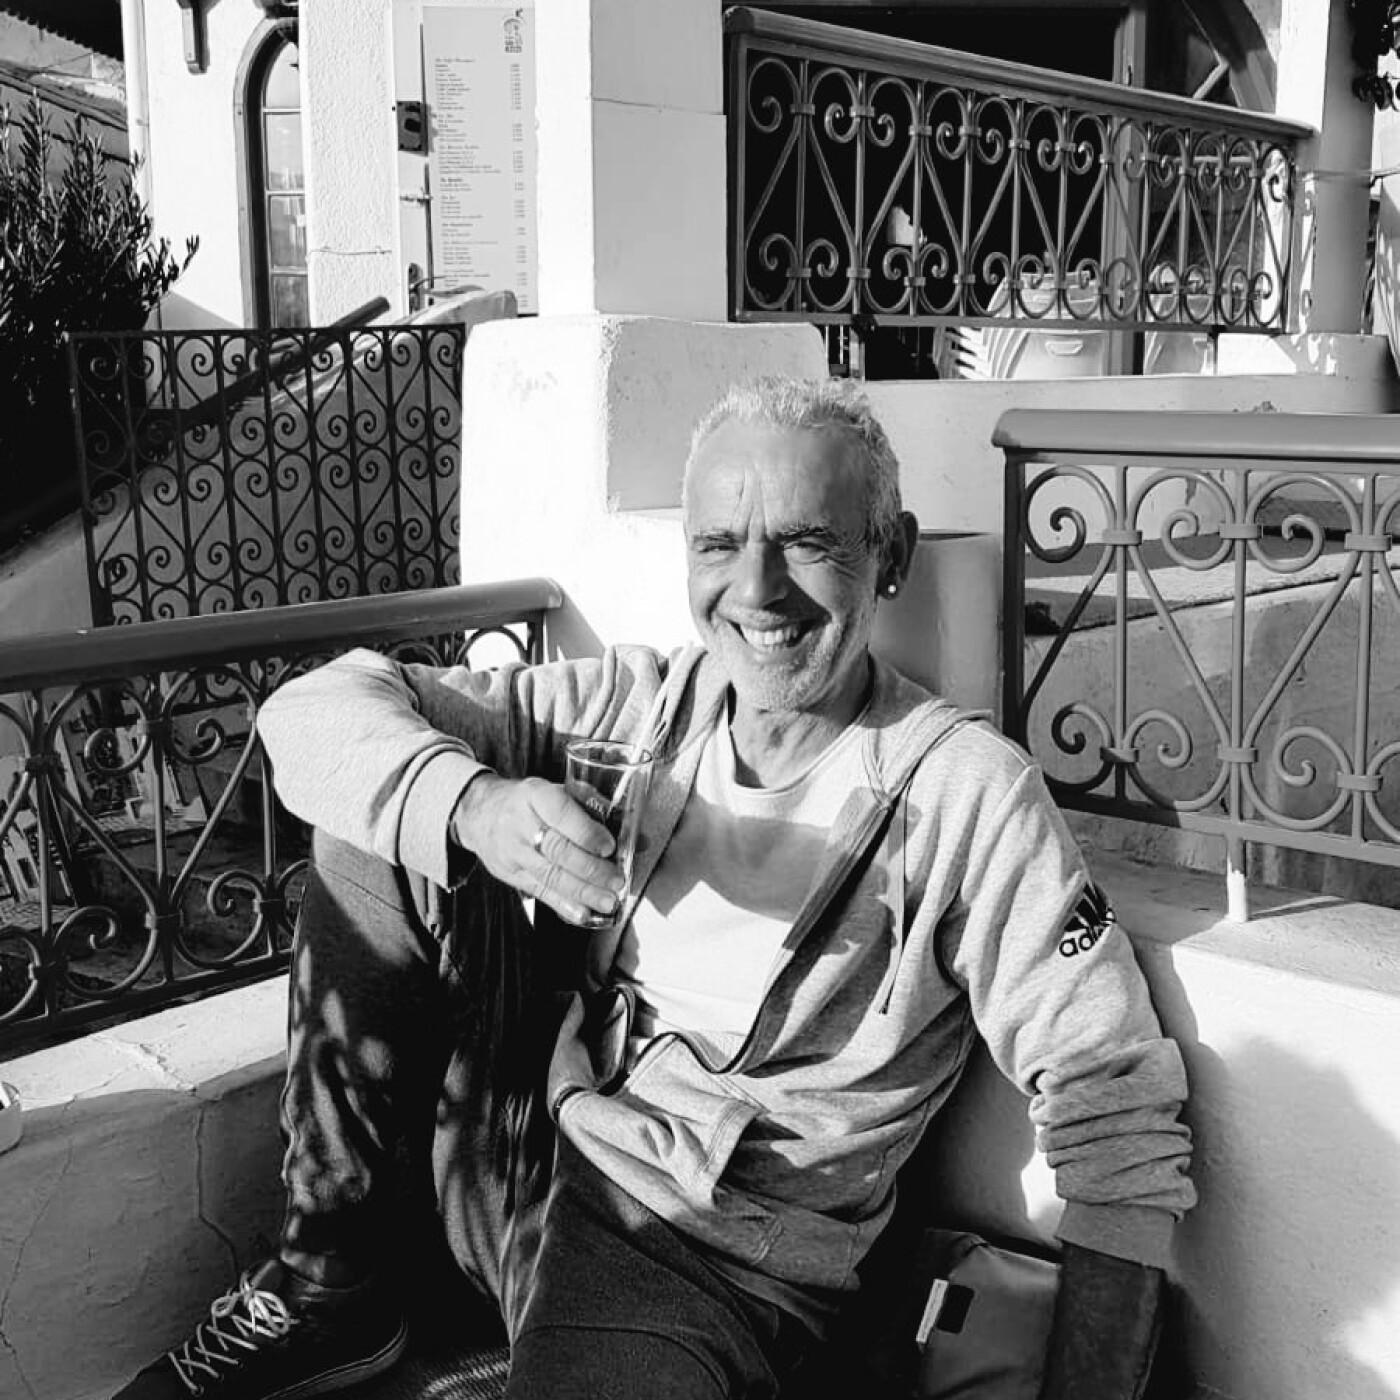 Gilles vient de s'installer à Minorque après avoir eu 2 coups de cœur - 10 02 2021 - StereoChic Radio